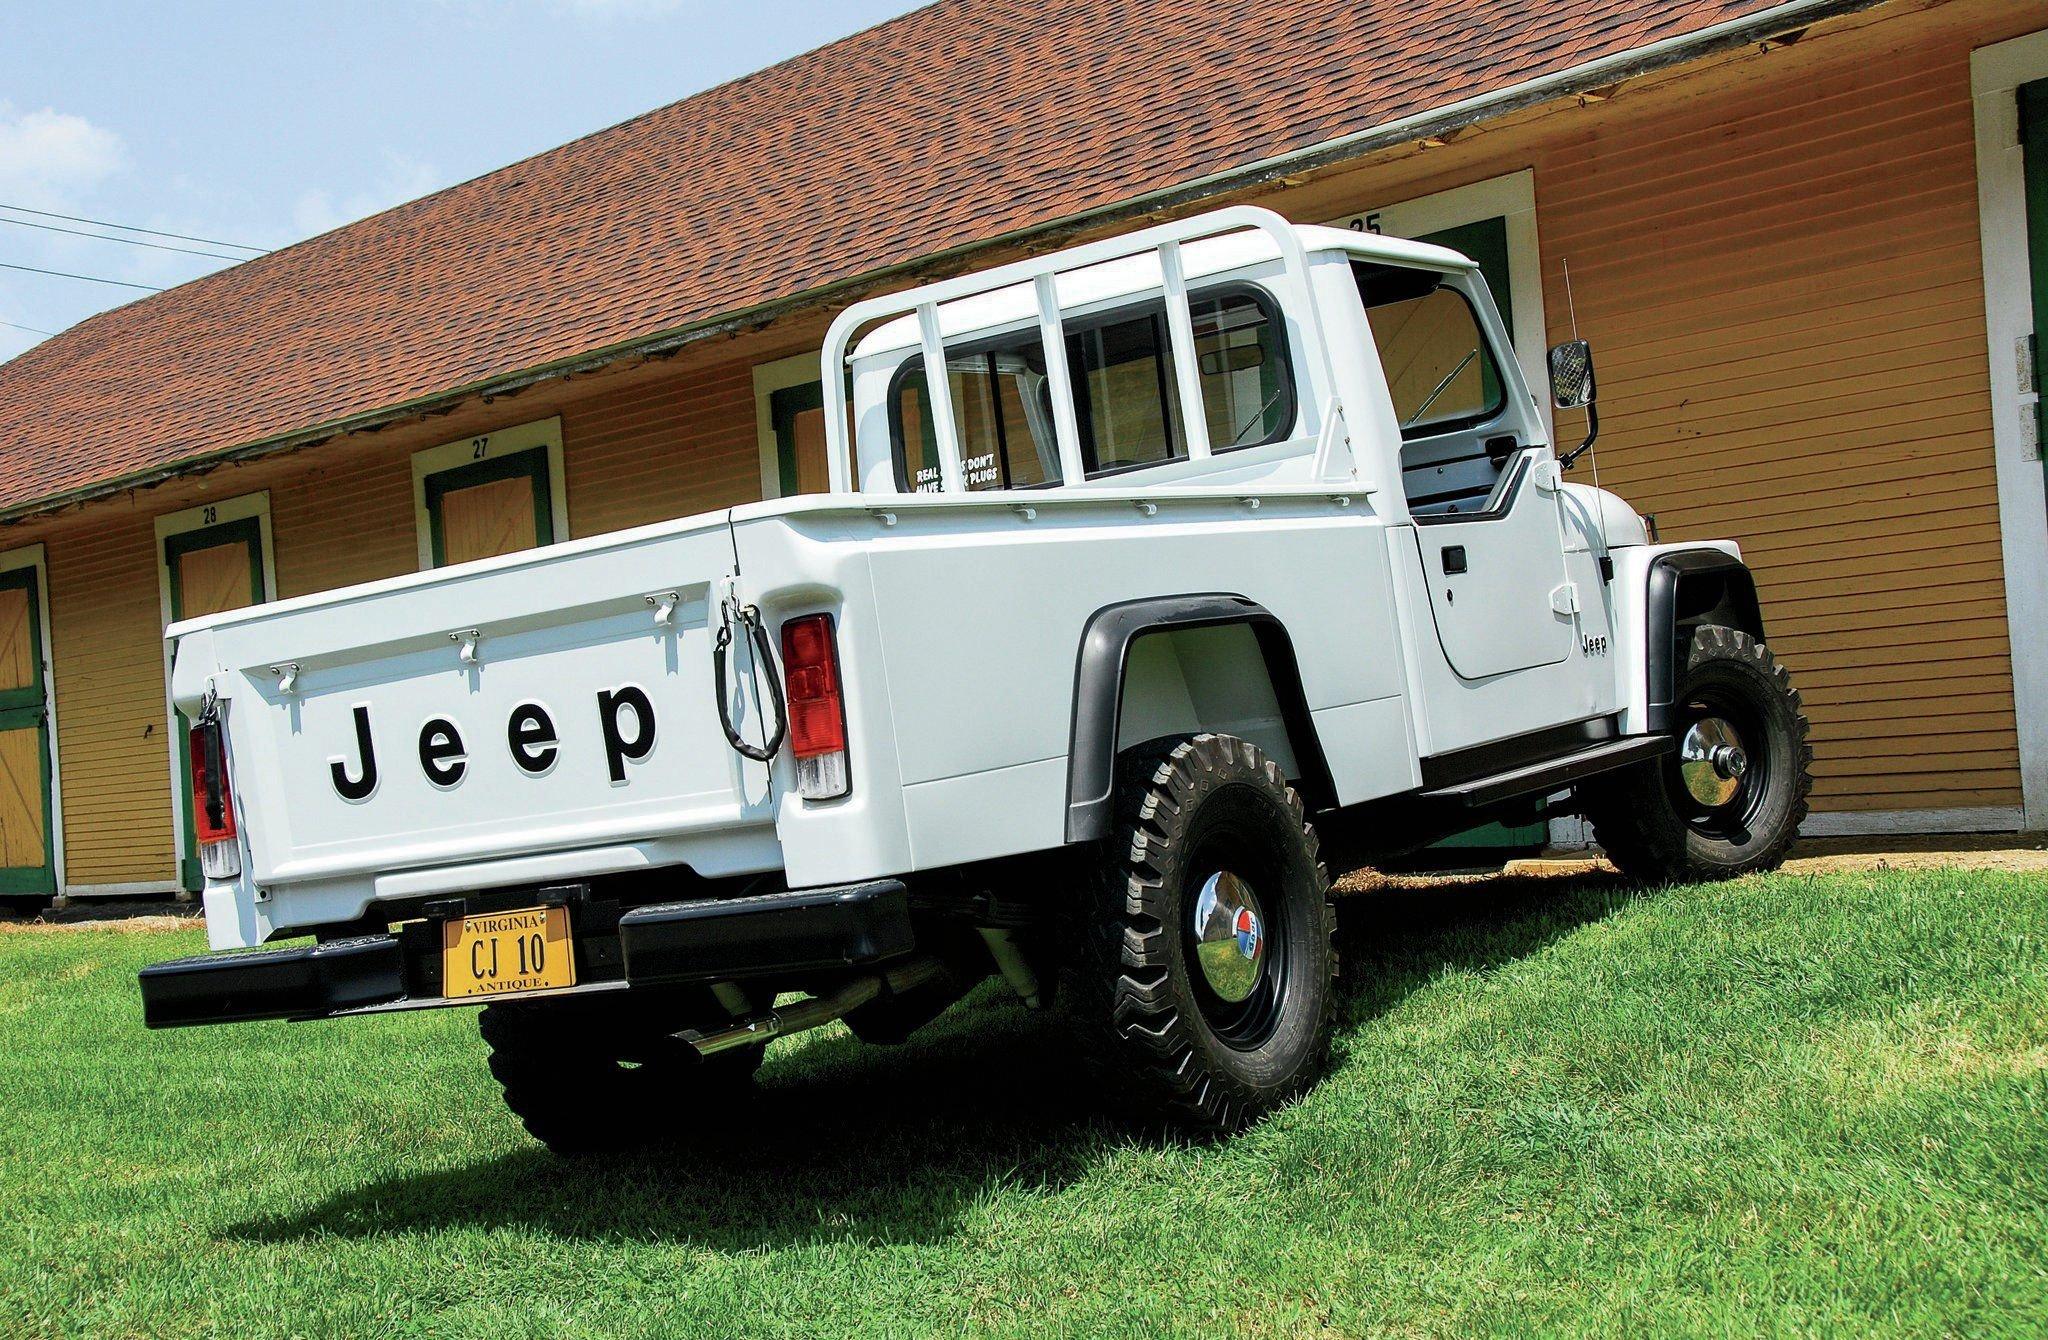 JEEP CJ-10 offroad 4x4 custom truck pickup wallpaper ...